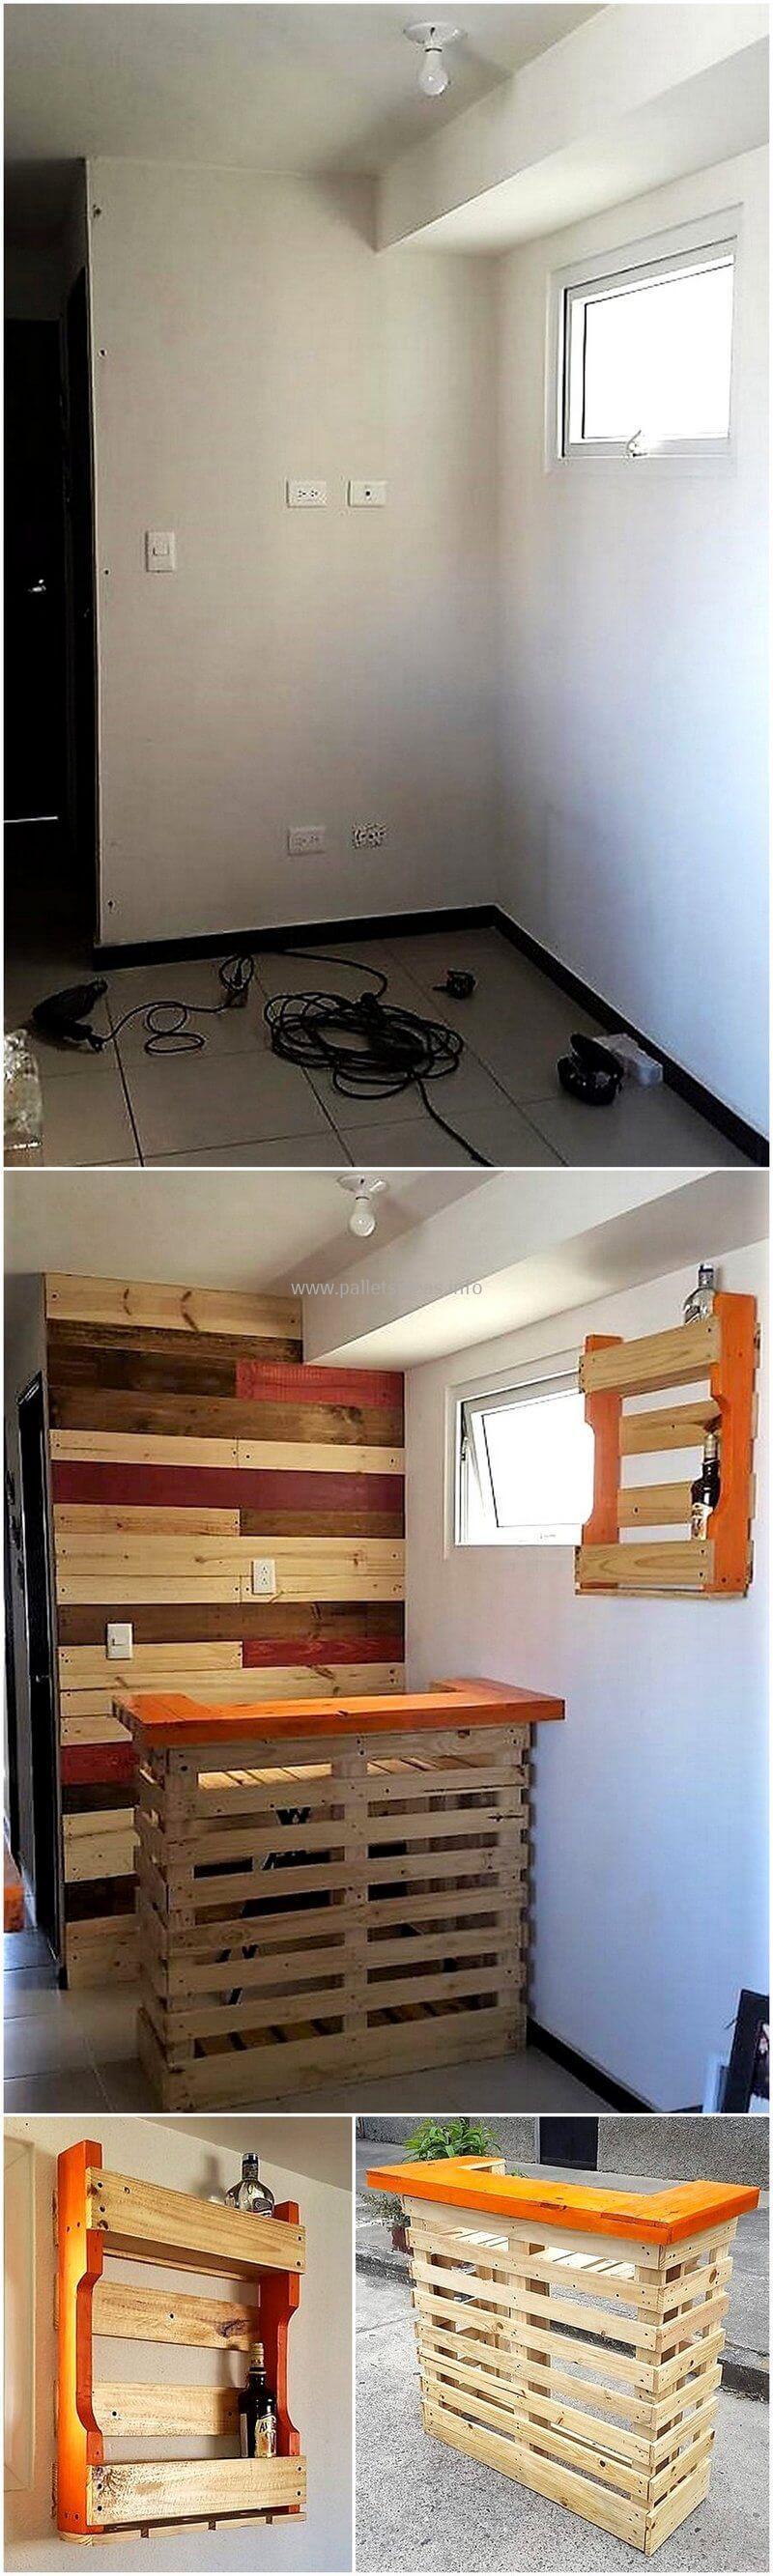 wood pallet bar plan 2